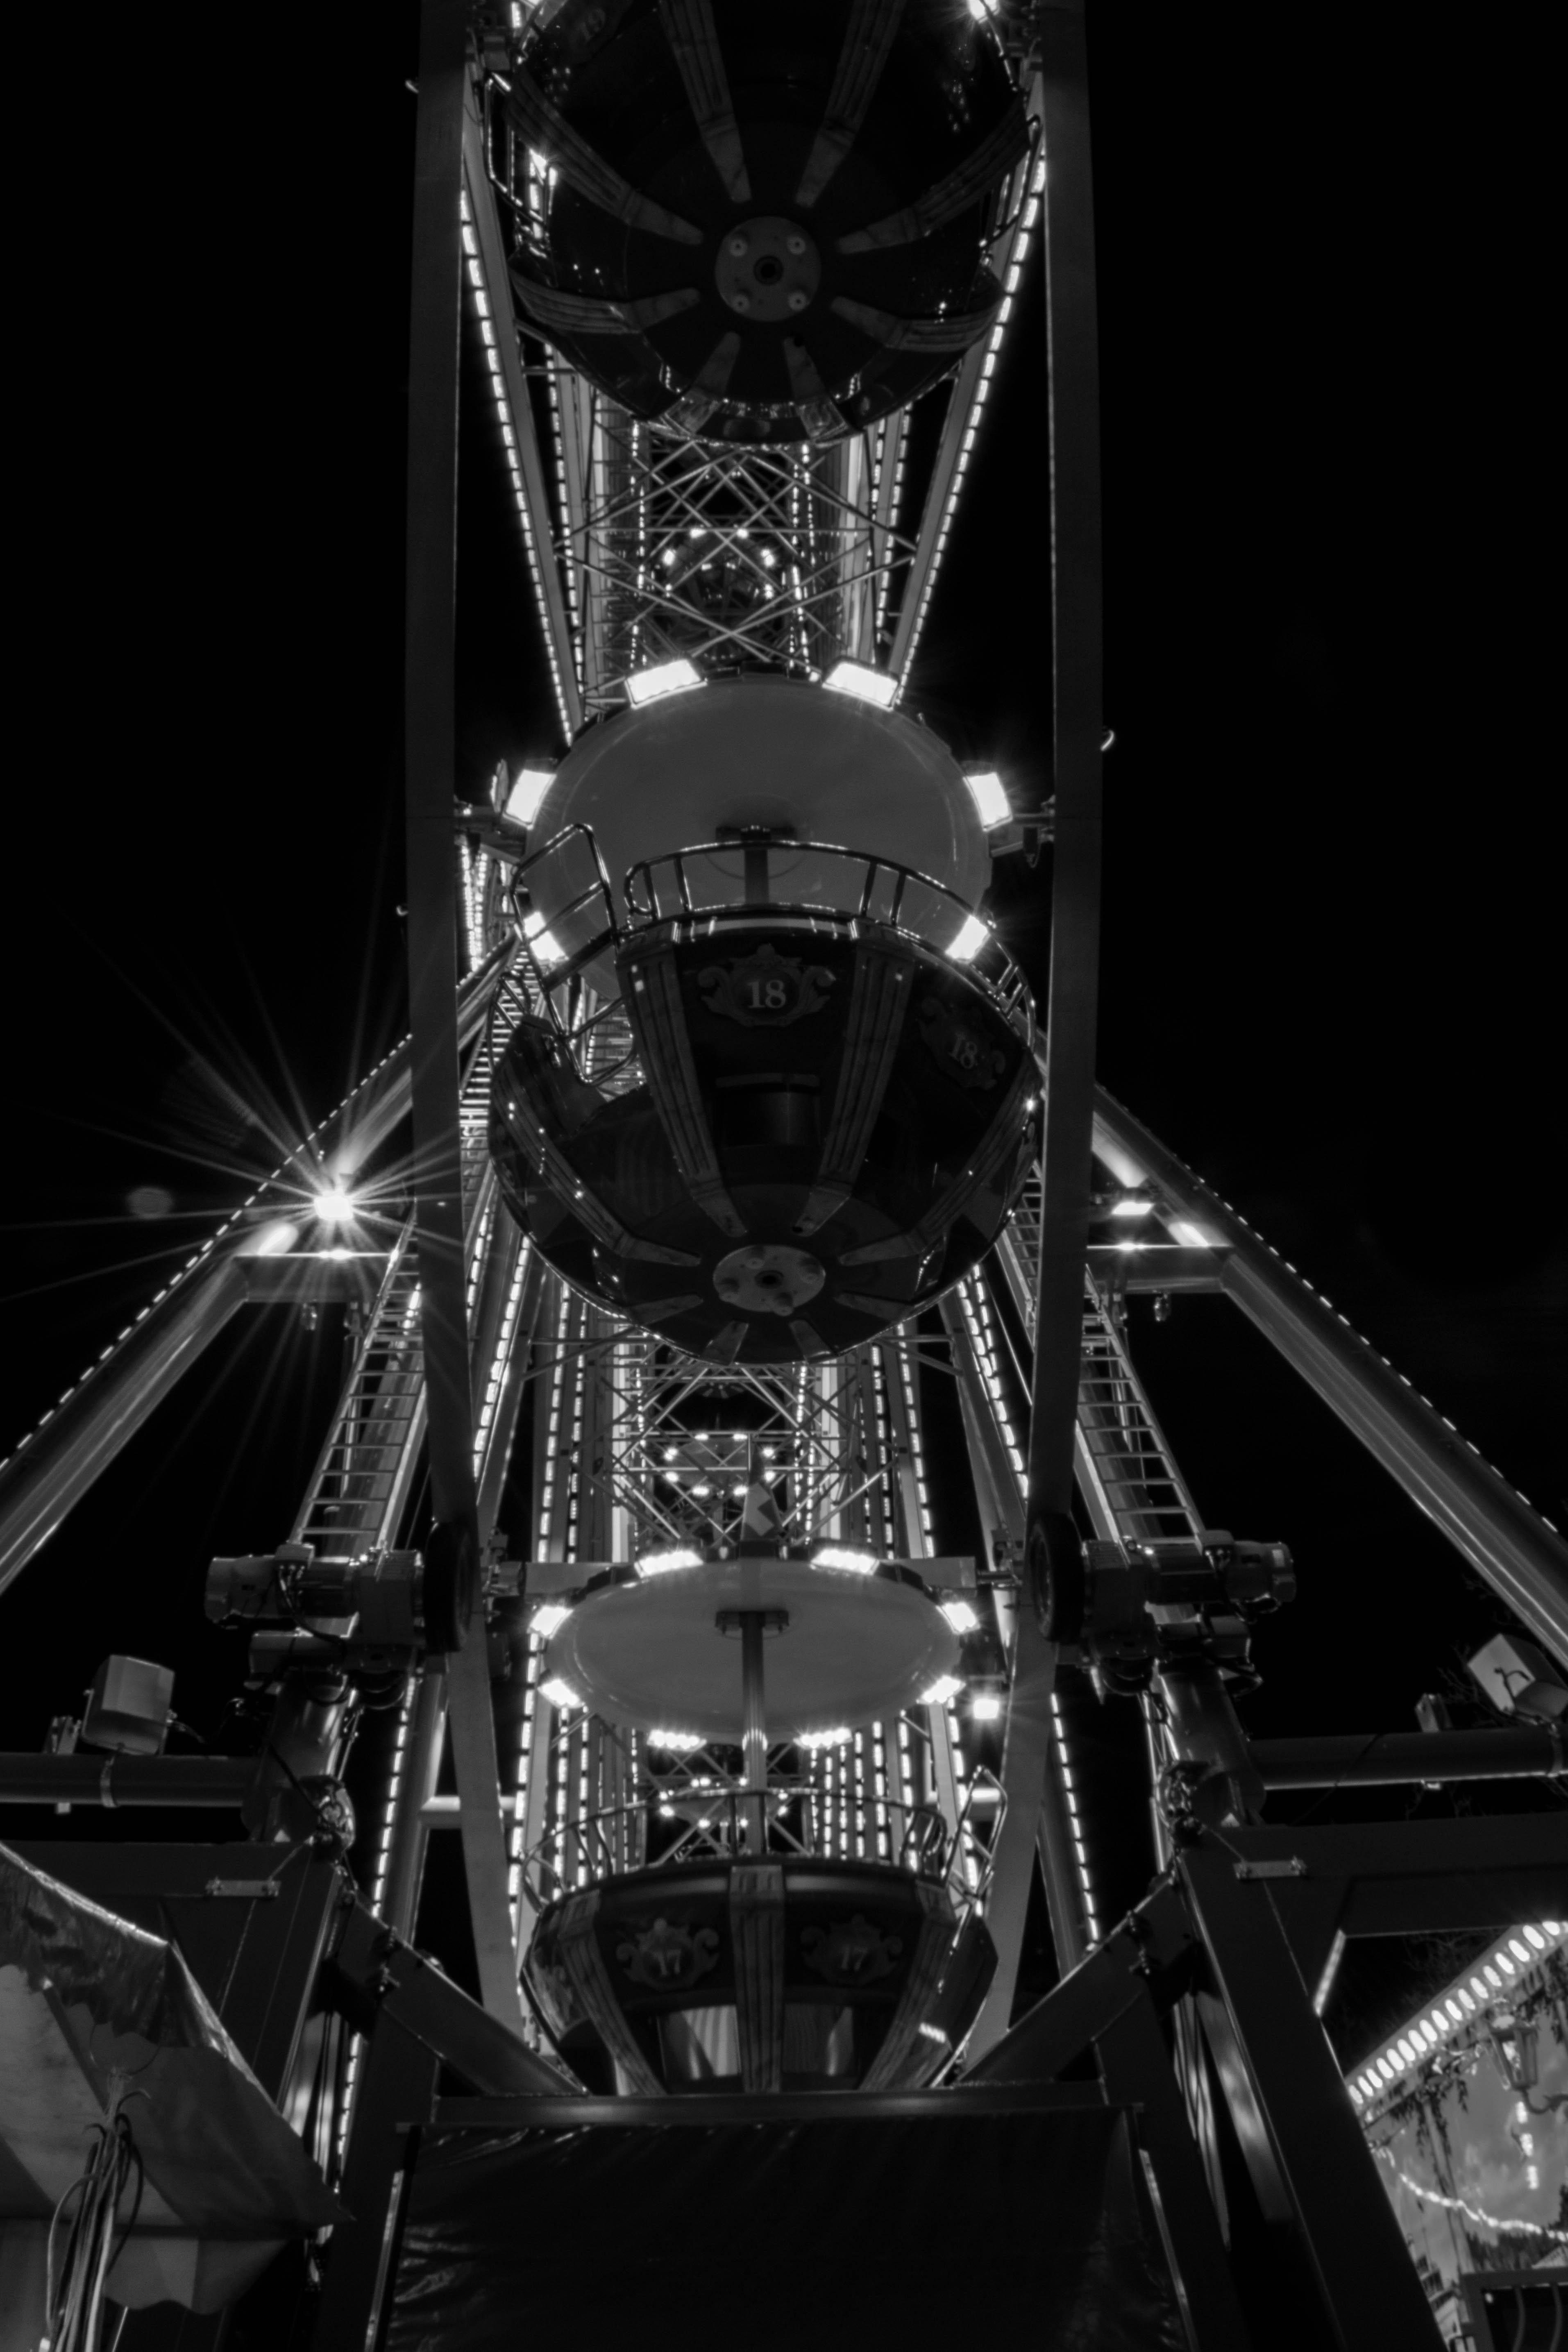 09_Ferris wheel Zurich